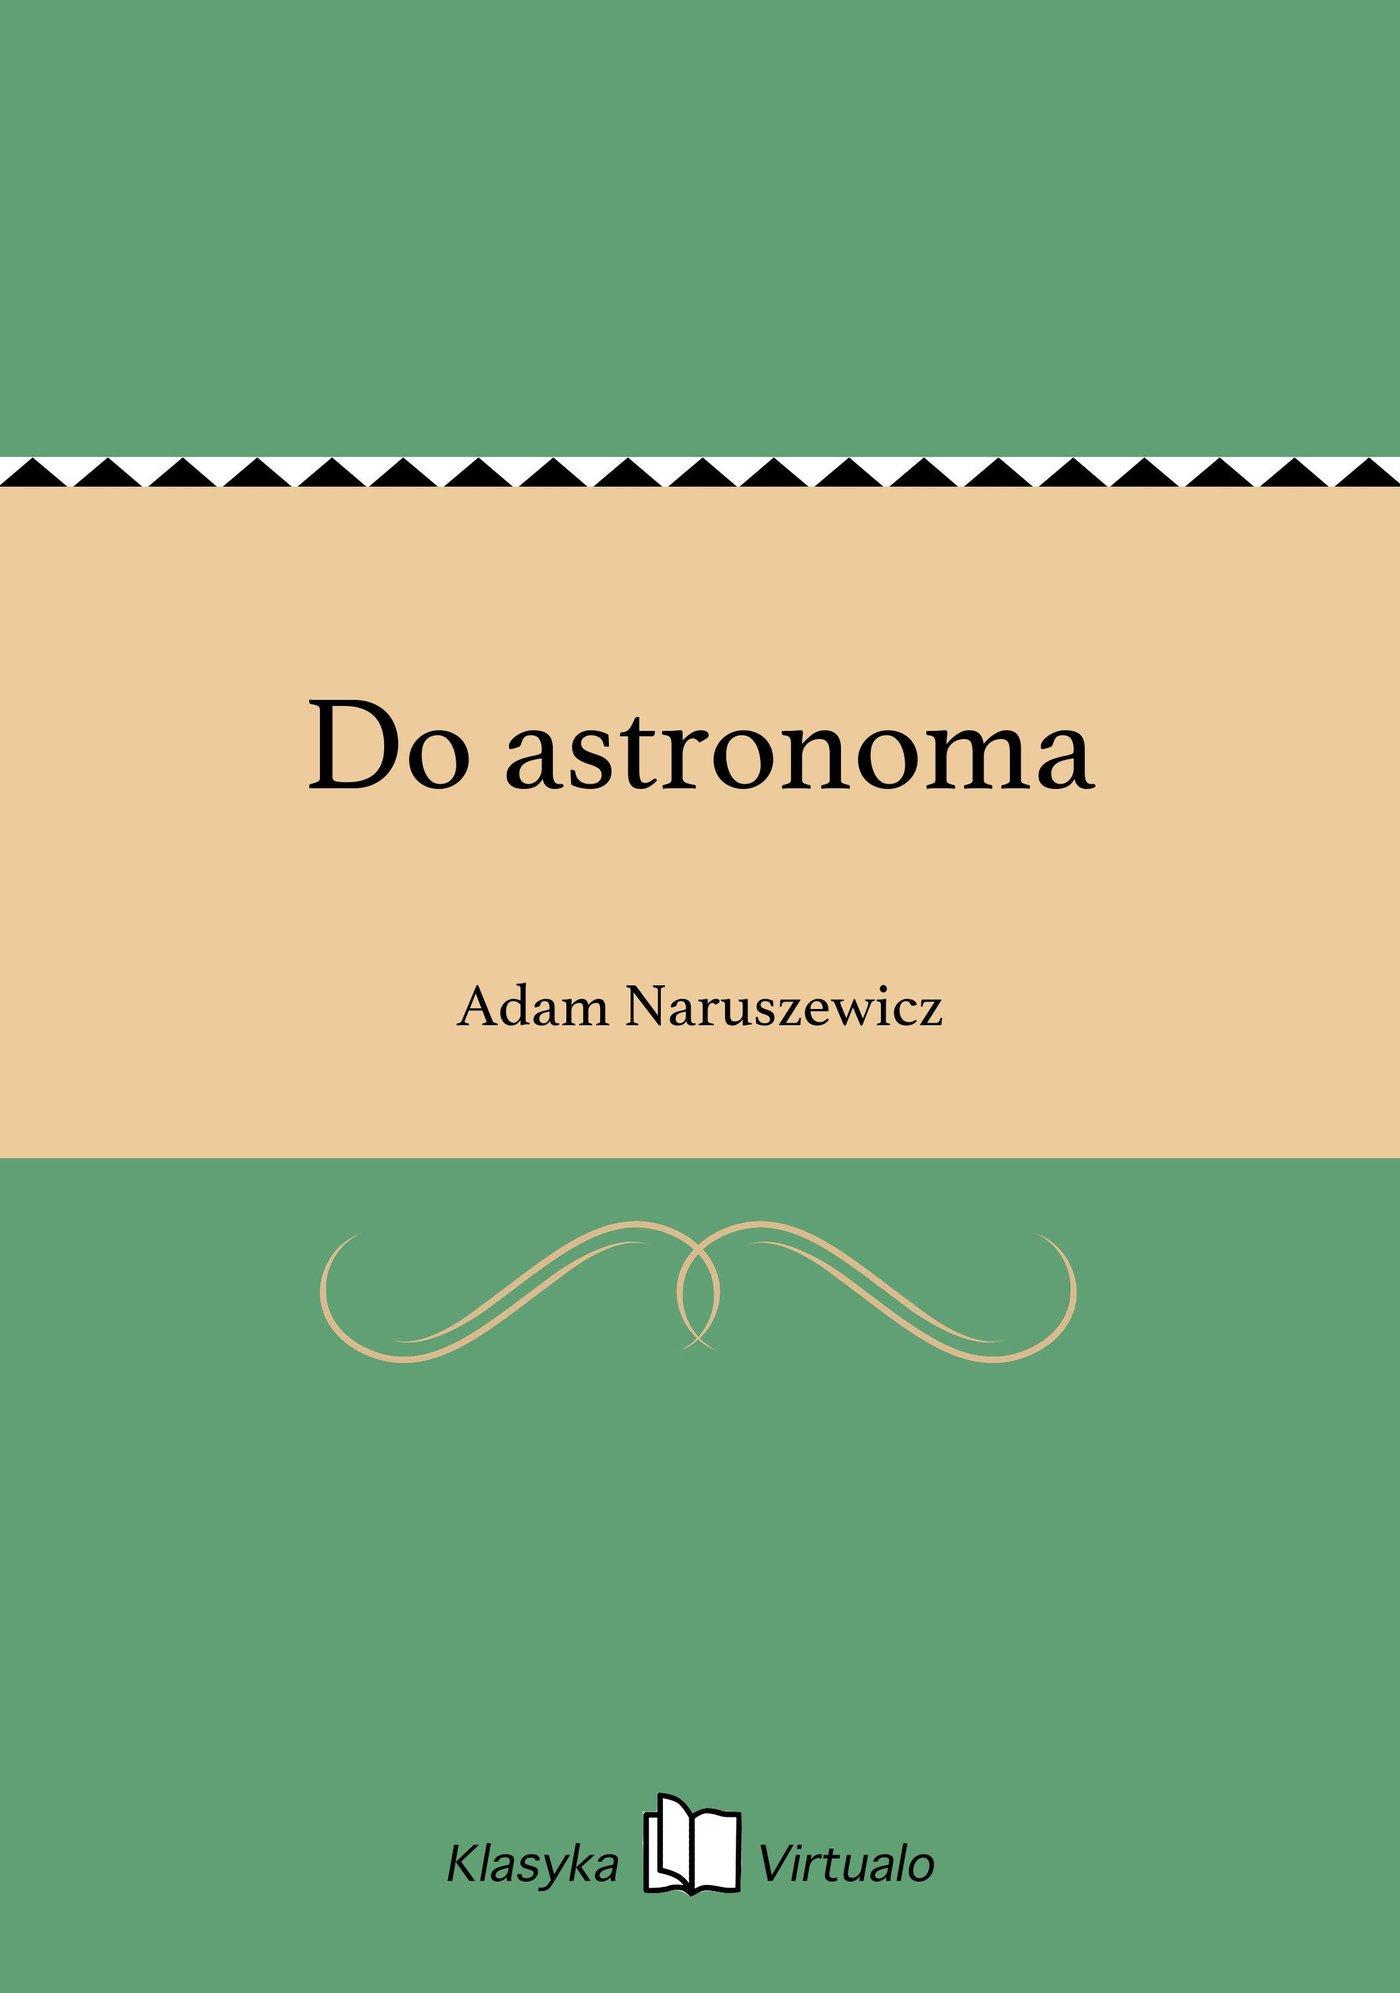 Do astronoma - Ebook (Książka EPUB) do pobrania w formacie EPUB